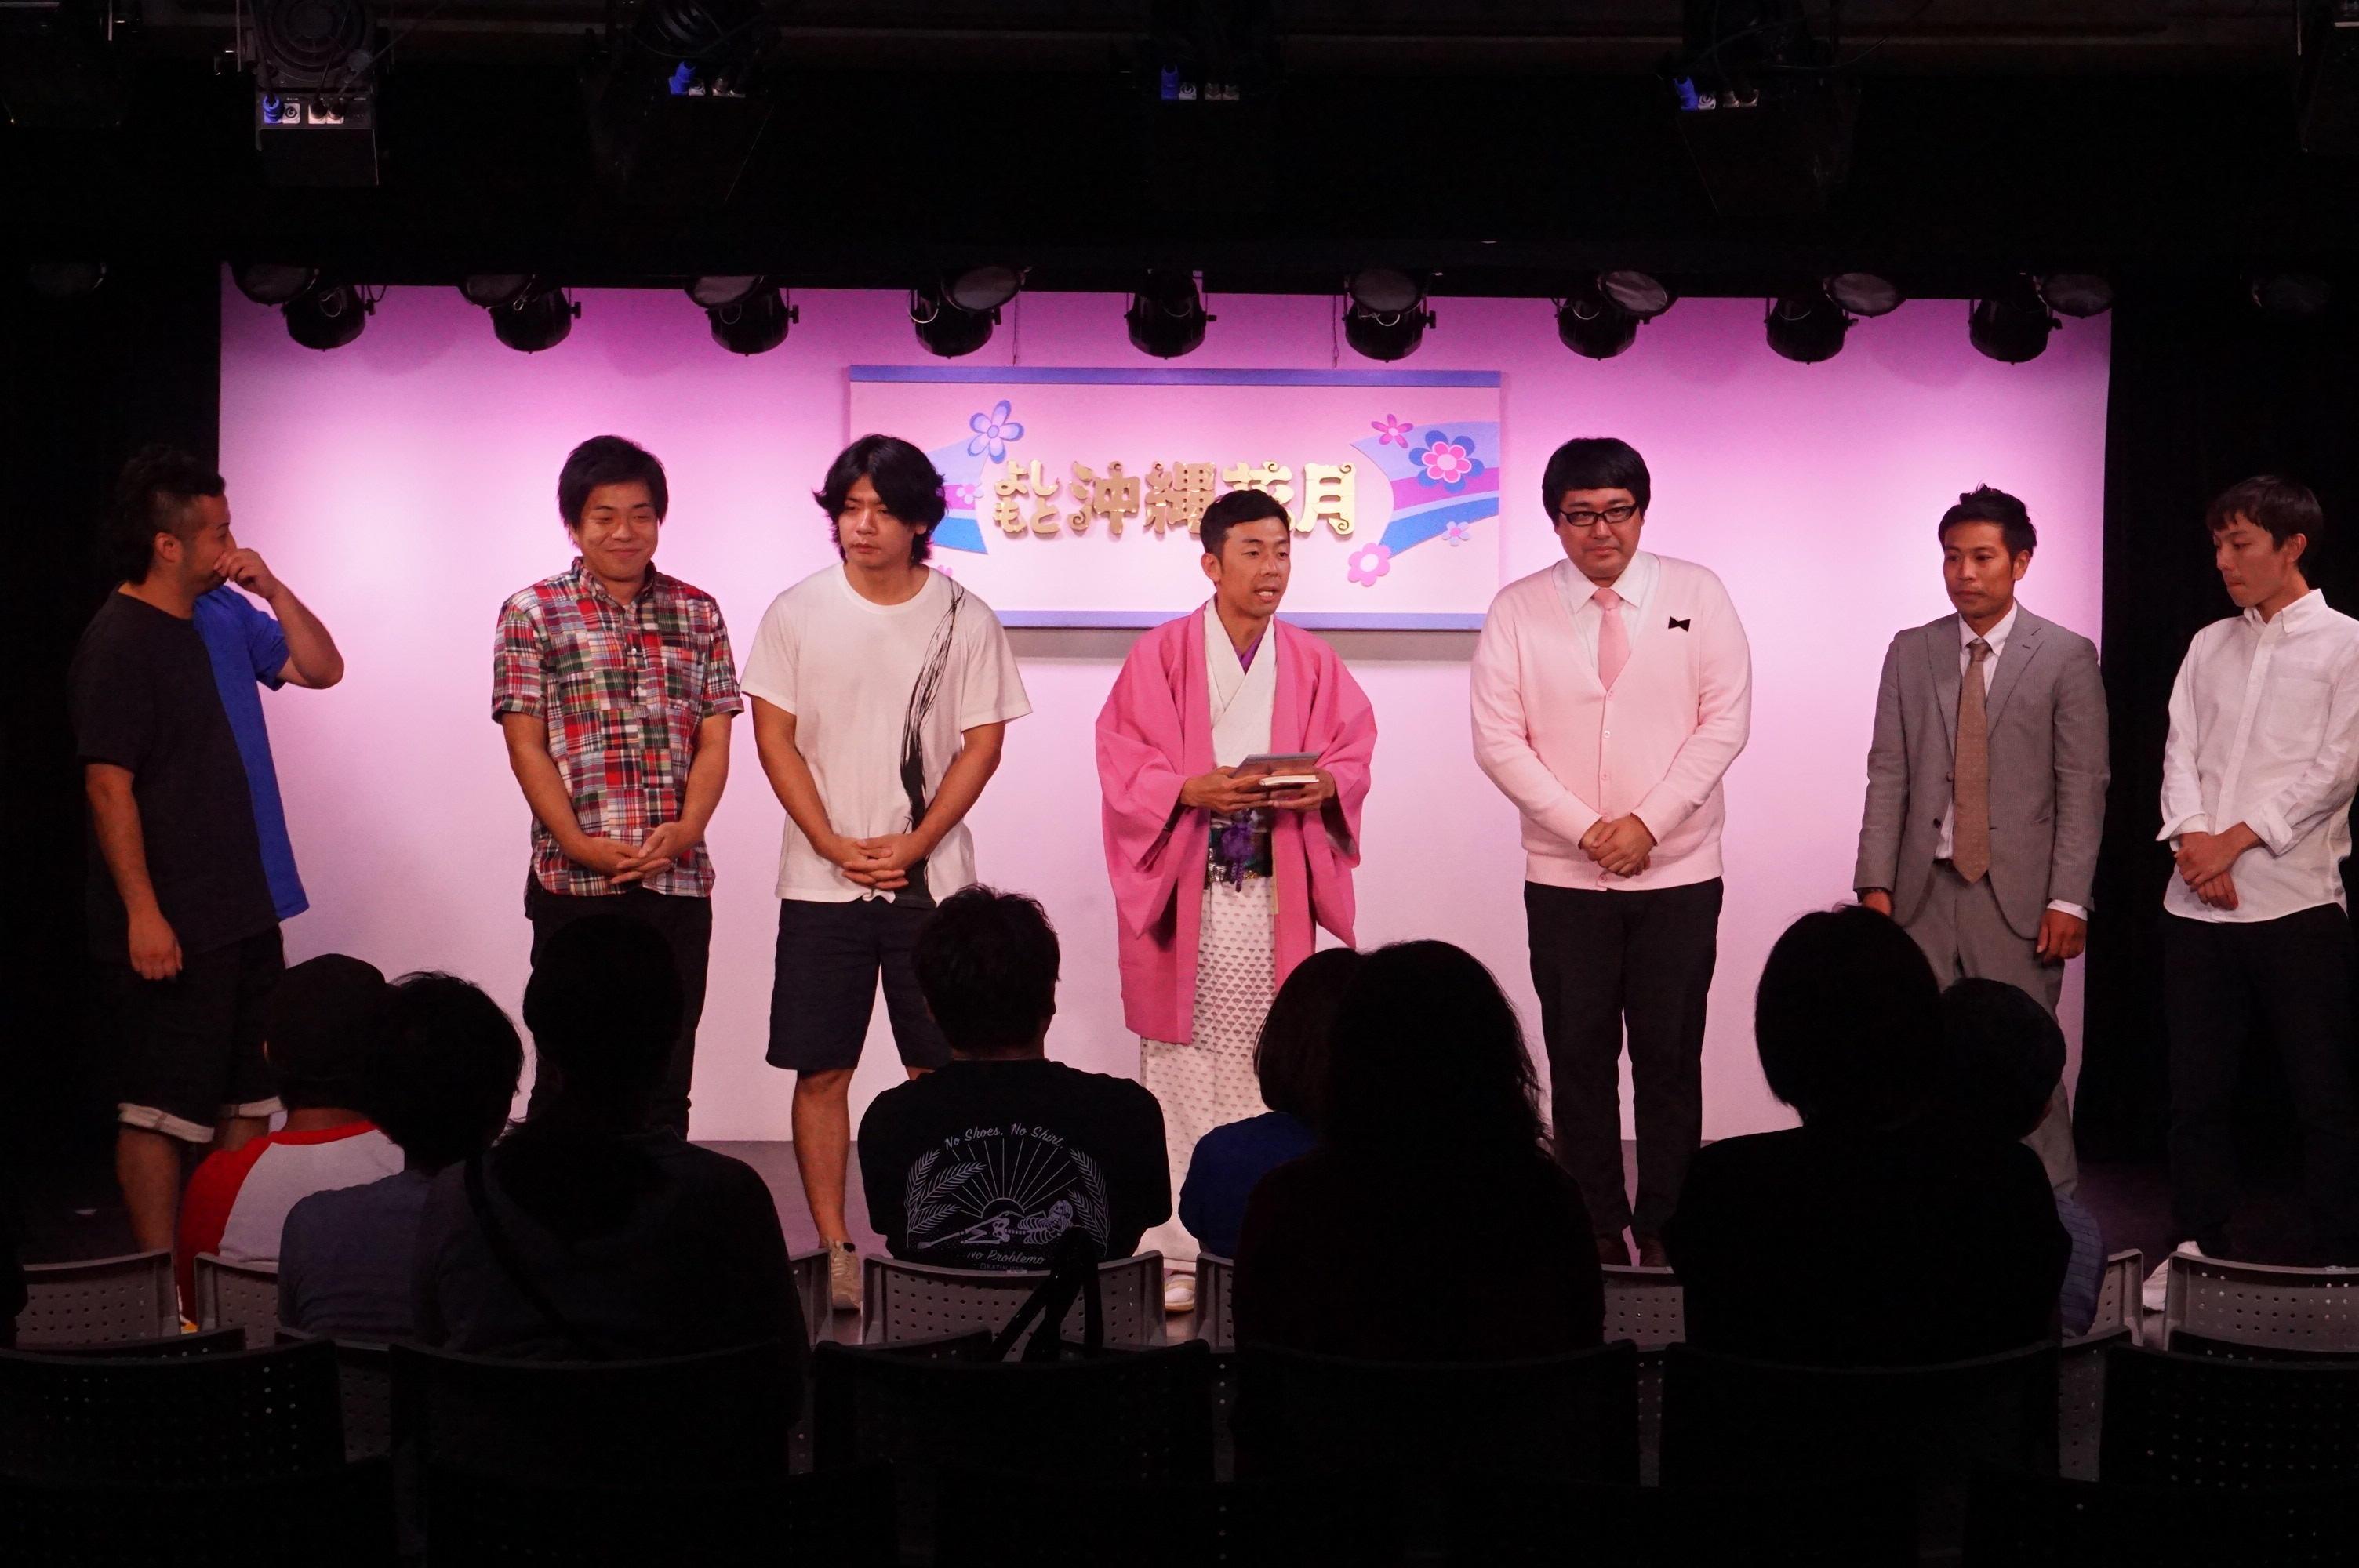 http://news.yoshimoto.co.jp/20180824202309-14c0eabf2c737e76bab2d1f8c9bbd67da1a80944.jpg